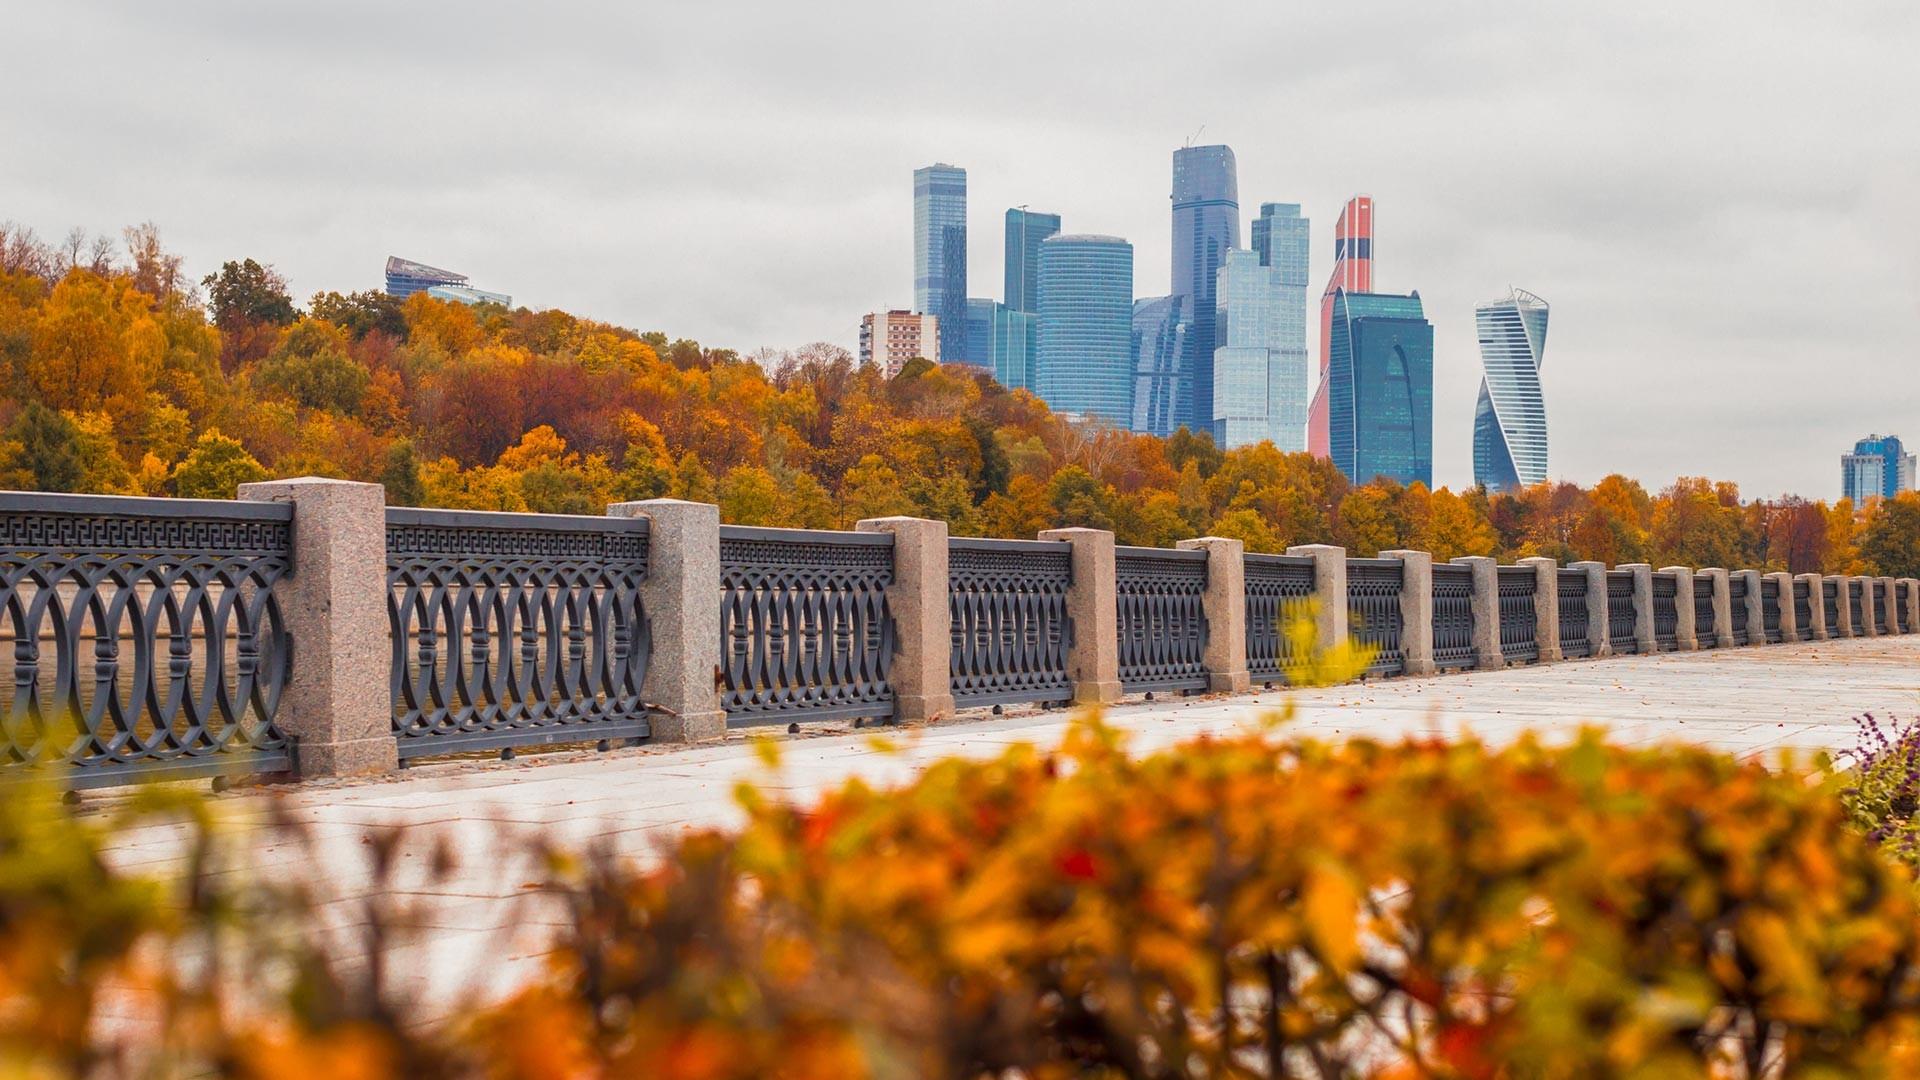 Musim gugur di Tanggul Moskow.